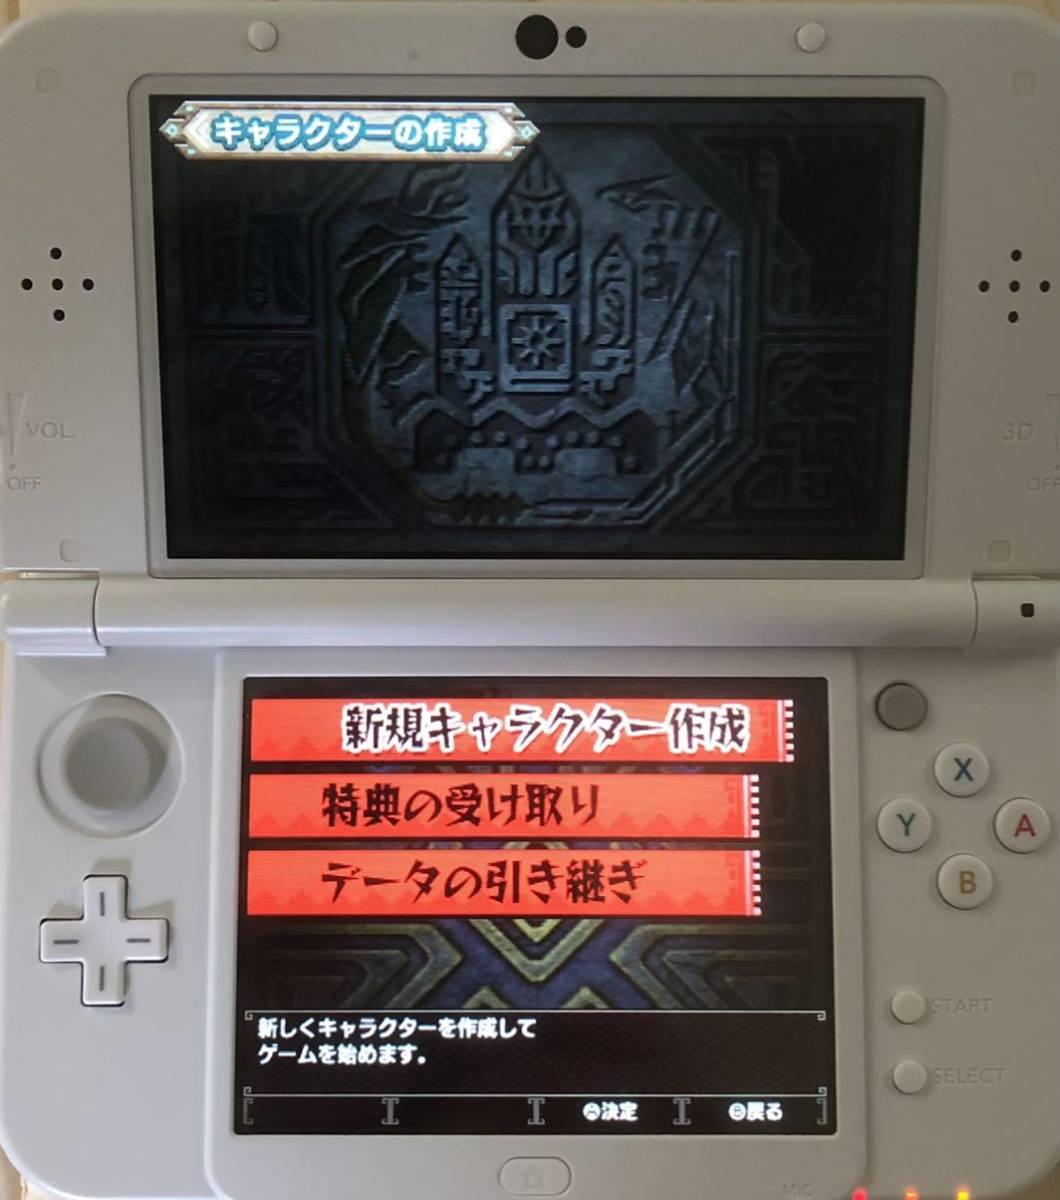 【動作確認済み】 3DS モンスターハンター ダブルクロス XX モンハン MHXX ニンテンドー3DS Nintendo 任天堂 ゲームソフト カセット